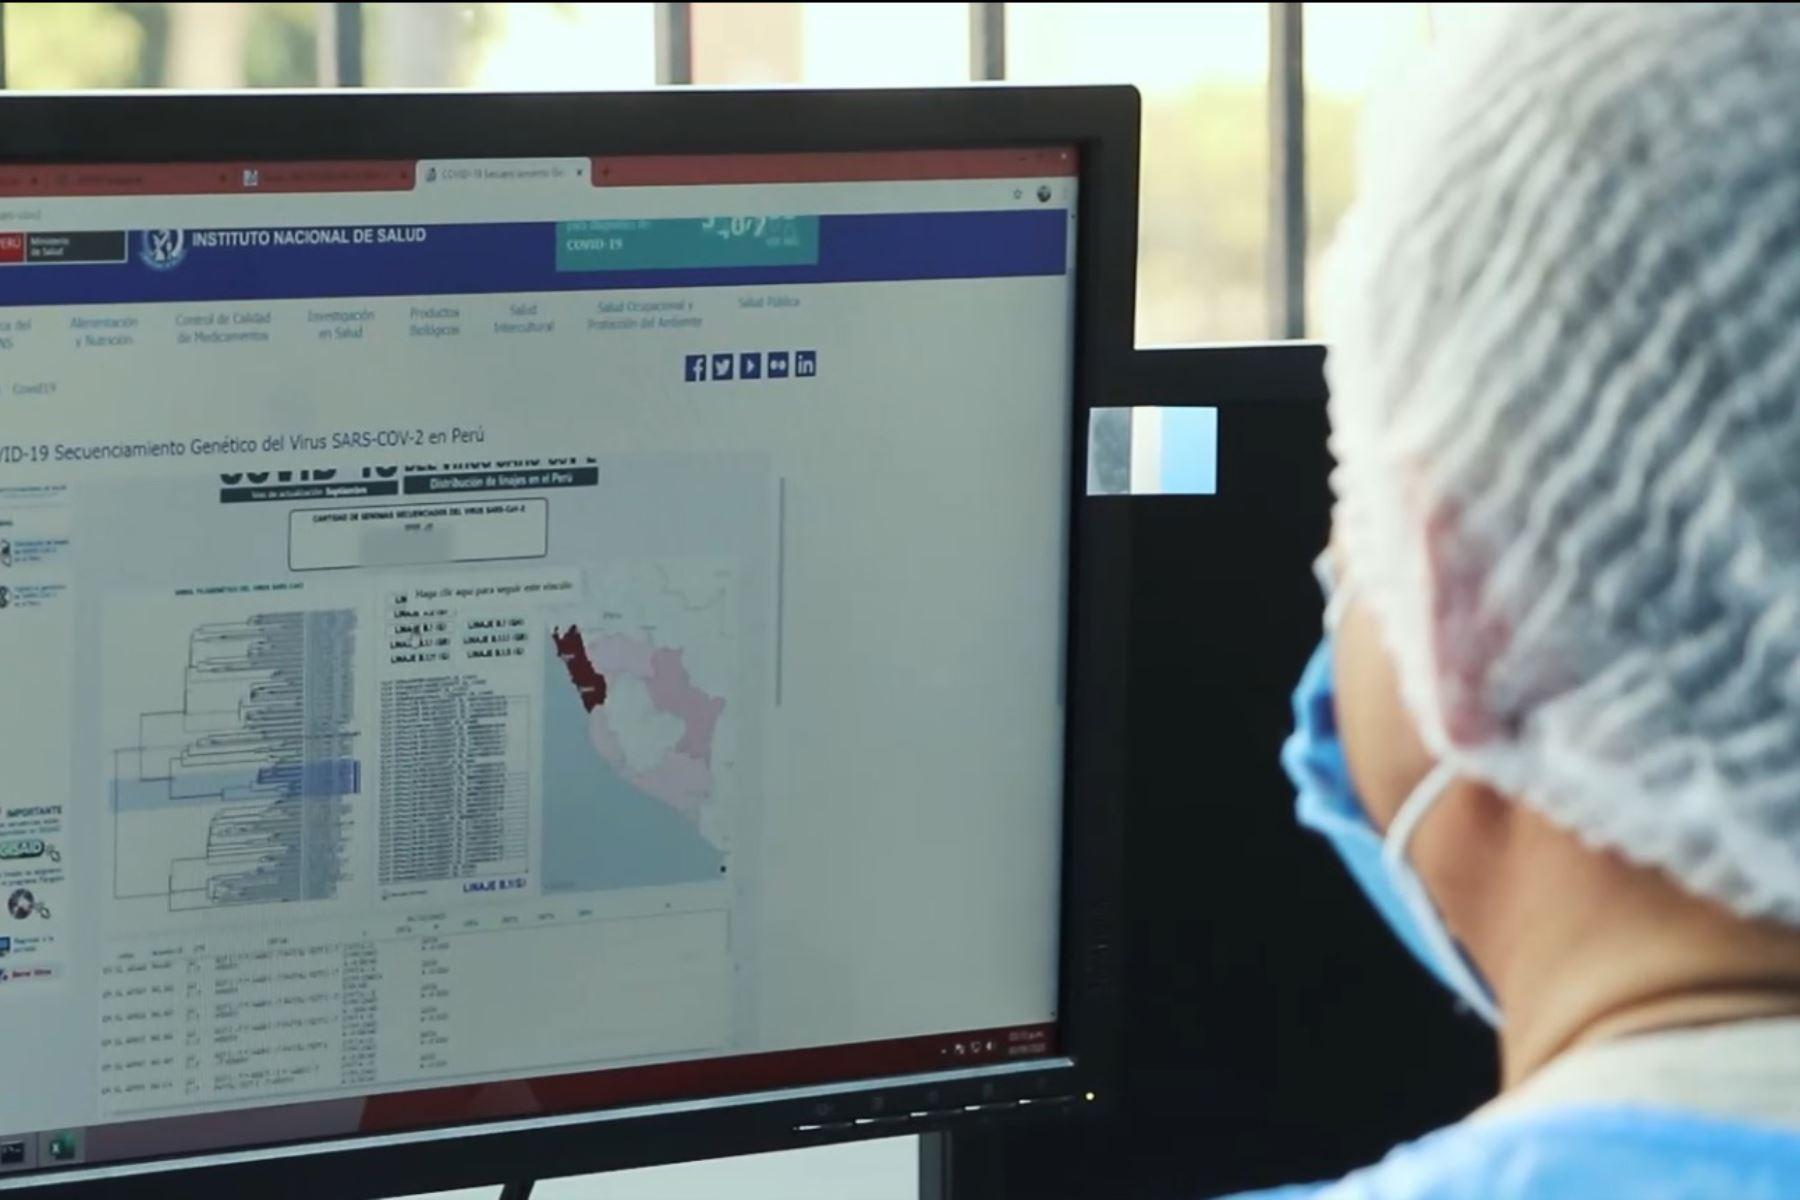 Gracias a la plataforma robótica de secuenciación genómica, el INS descubrió la variante C-37 del nuevo coronavirus. Foto:  ANDINA/Minsa